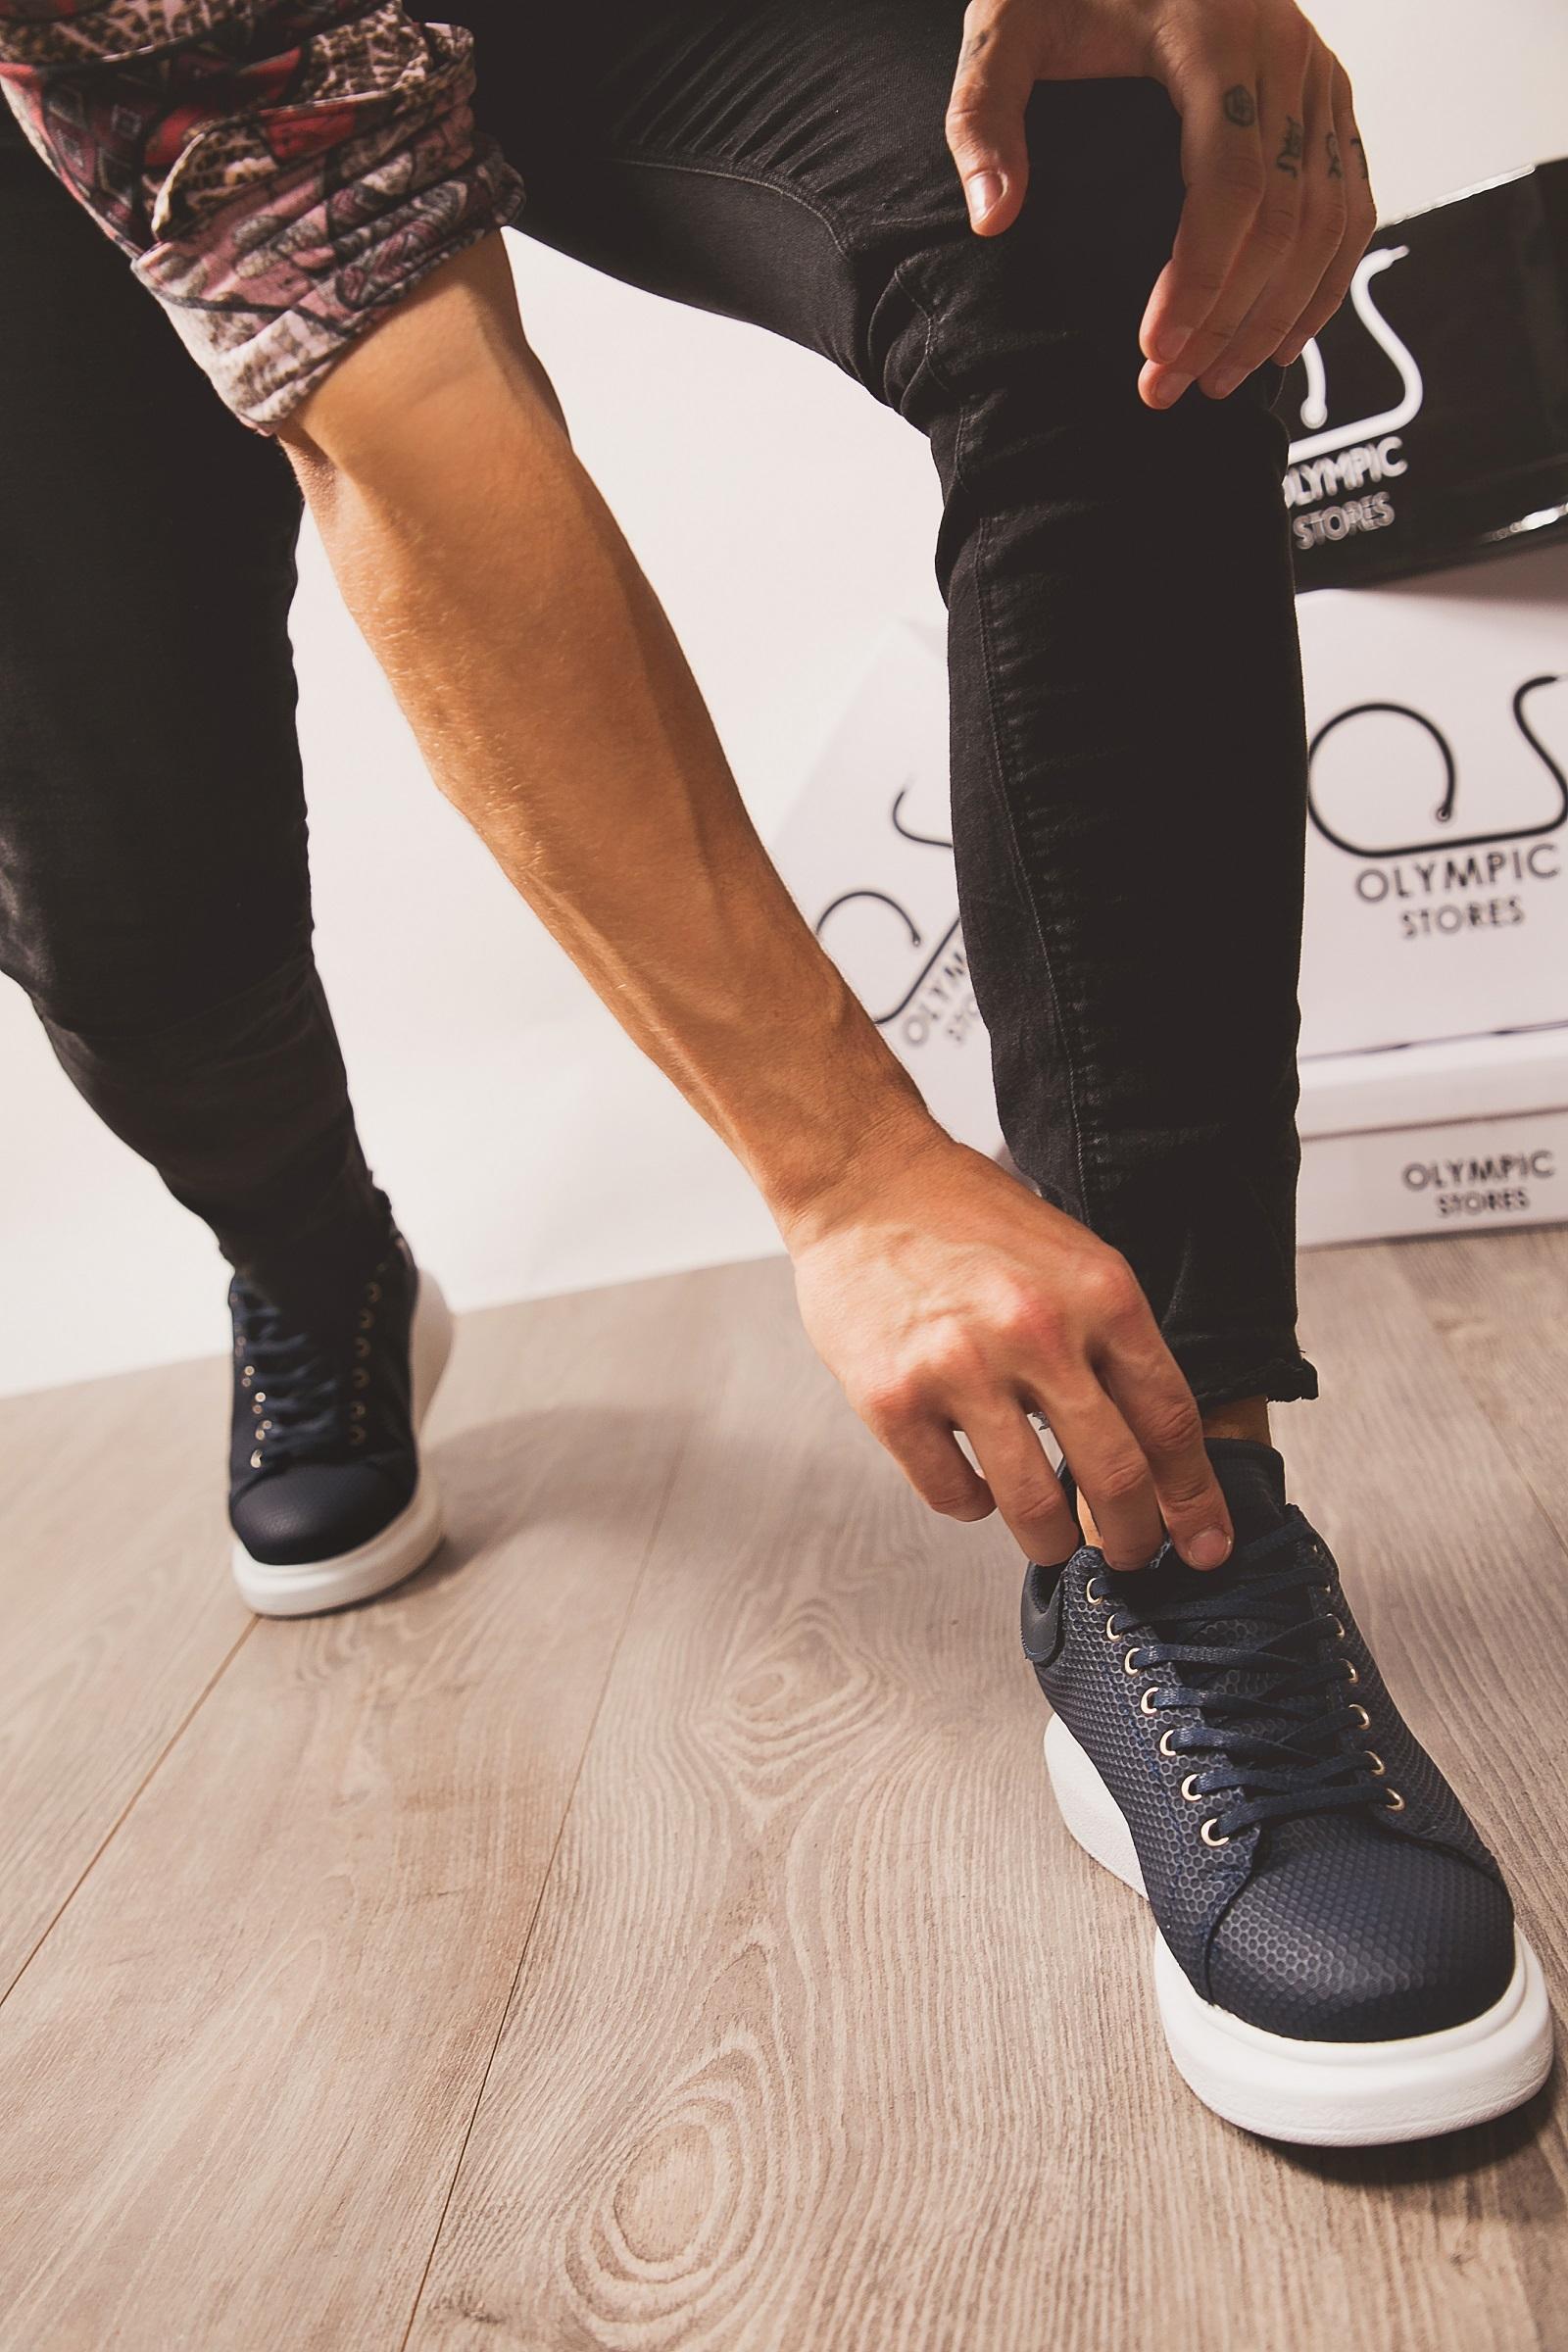 a9952866d0b Το στυλ δεν έχει ηλικία, γι'αυτό και στα Olympic Stores θα βρείτε παπούτσια  για τα παιδιά σας, που θα τα θέλουν όλα! Πιο συγκεκριμένα, για τα κοριτσάκια  ...